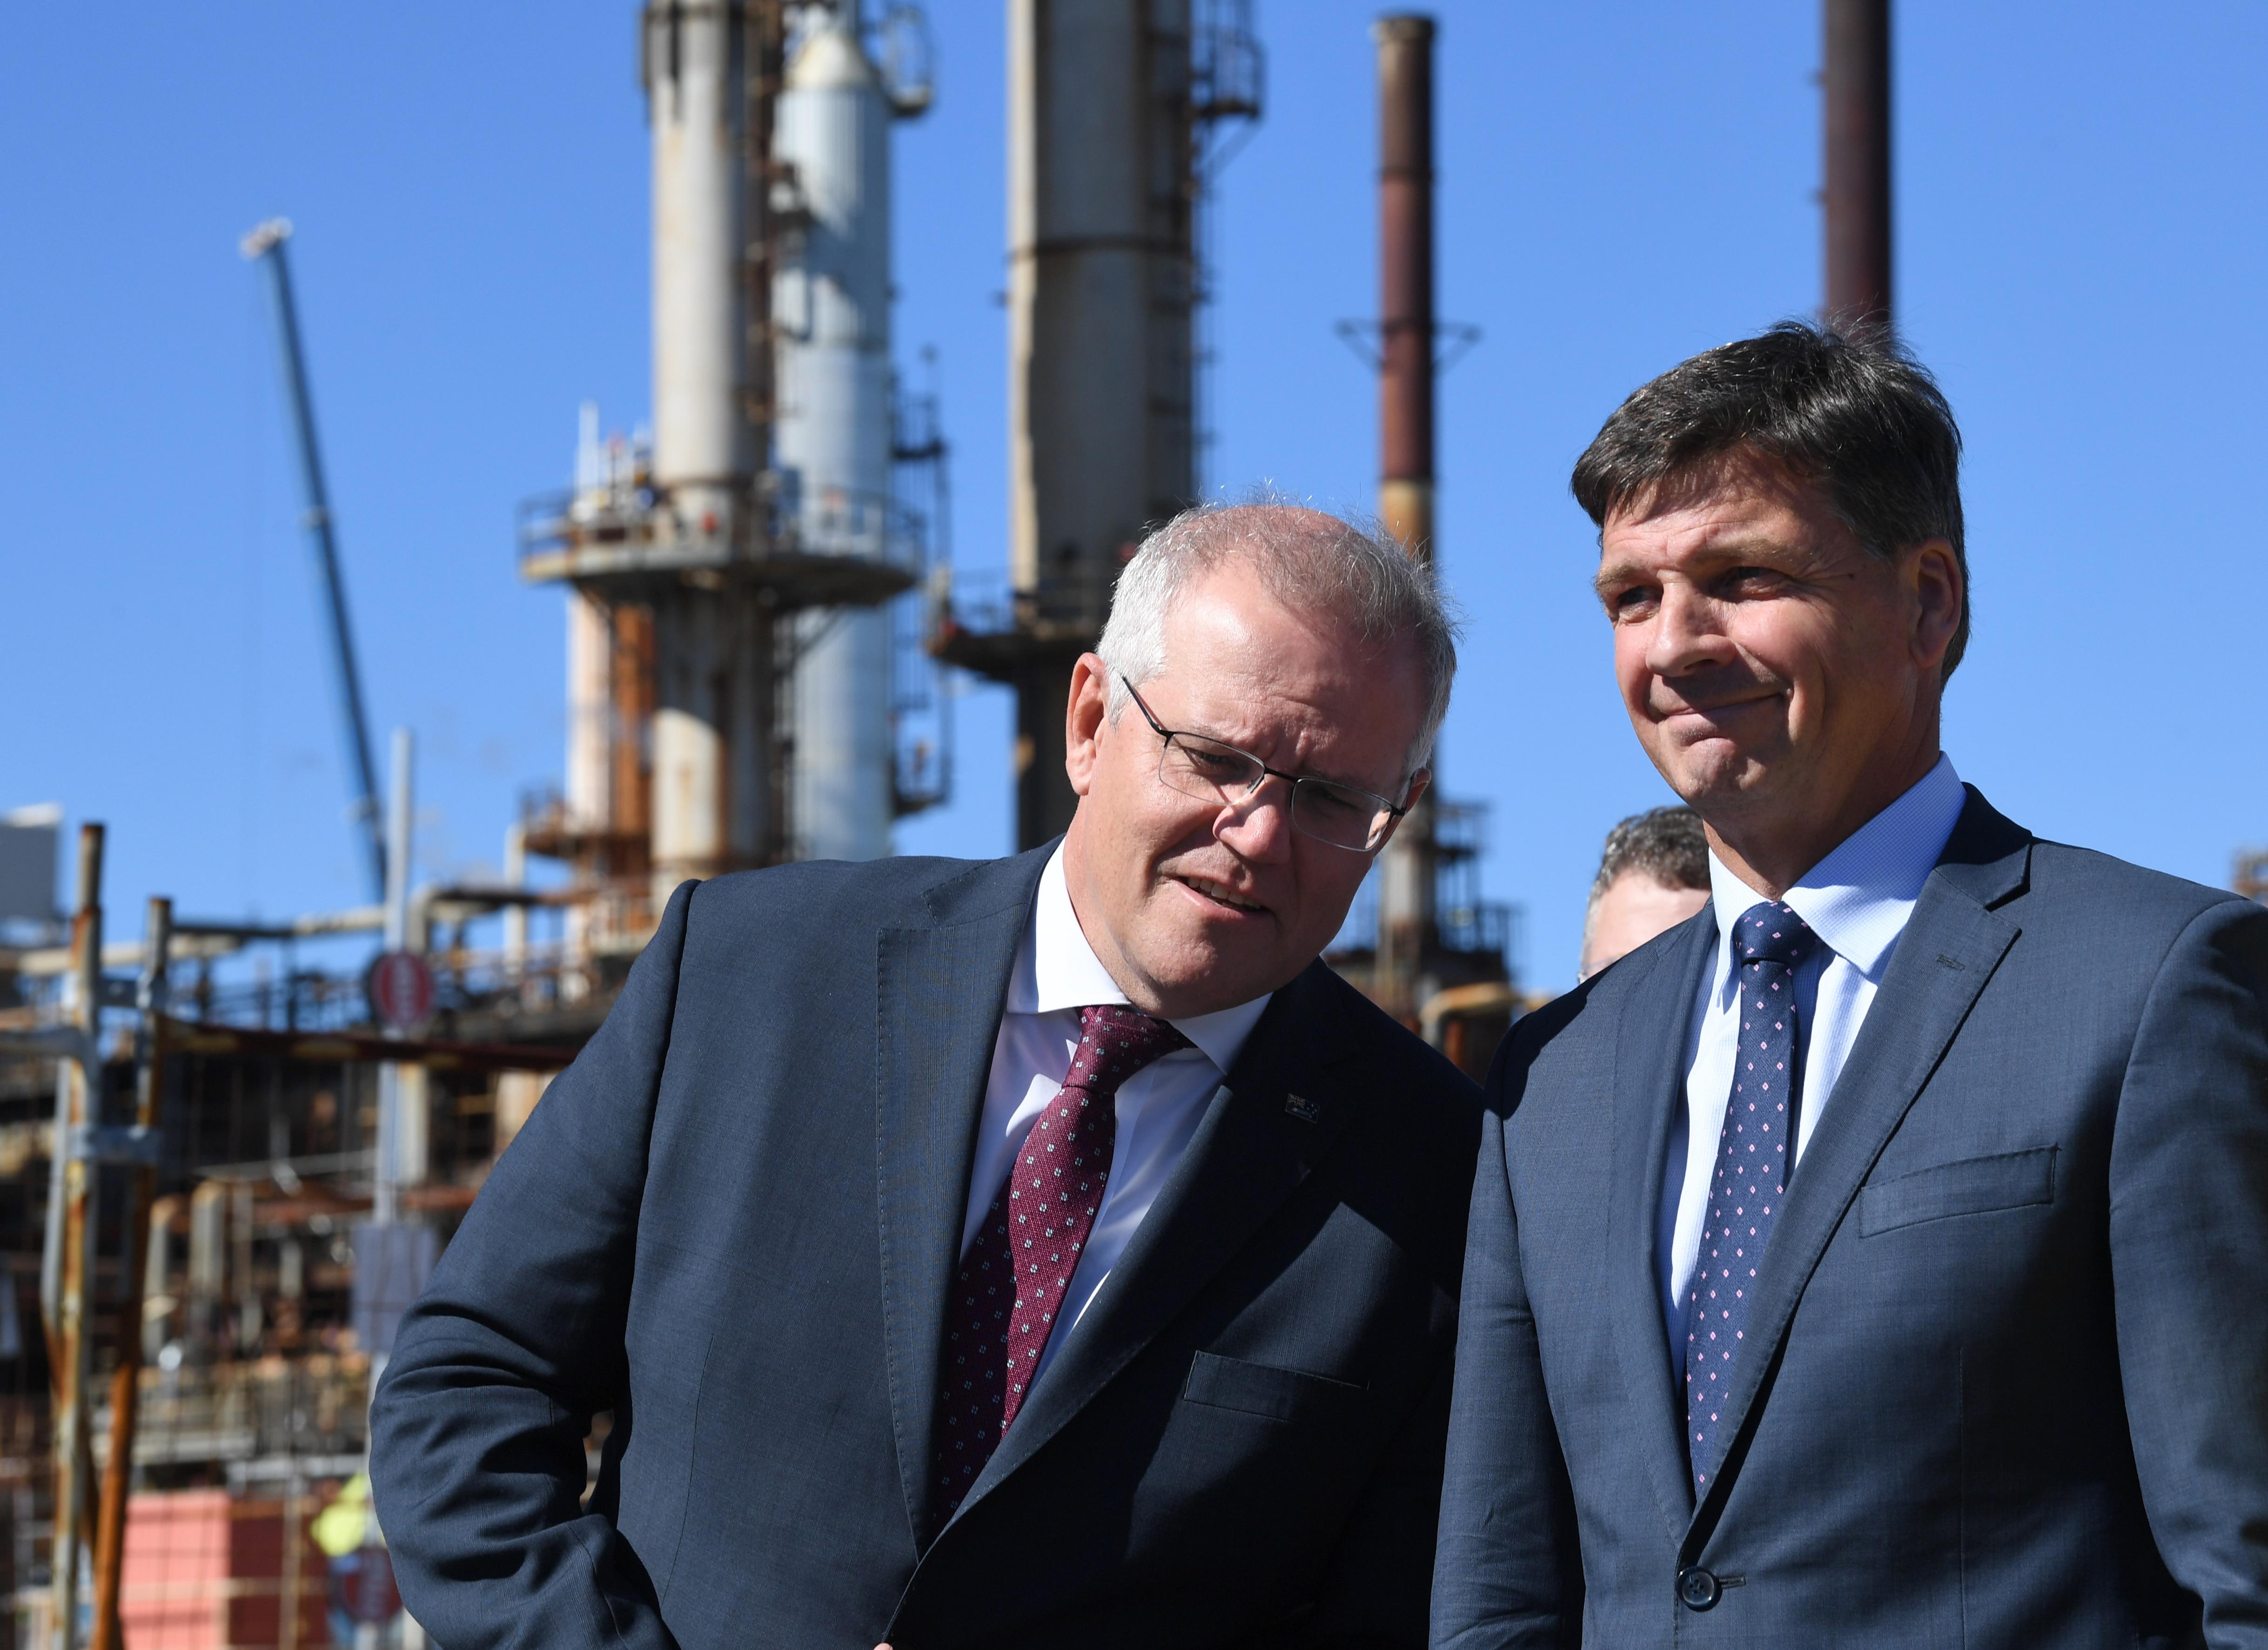 Скотт Моррисон (слева) и министр энергетики Ангус Тейлор (справа) во время посещения нефтеперерабатывающего завода Ampoule Lyton в Брисбене, понедельник, 17 мая 2021 года.